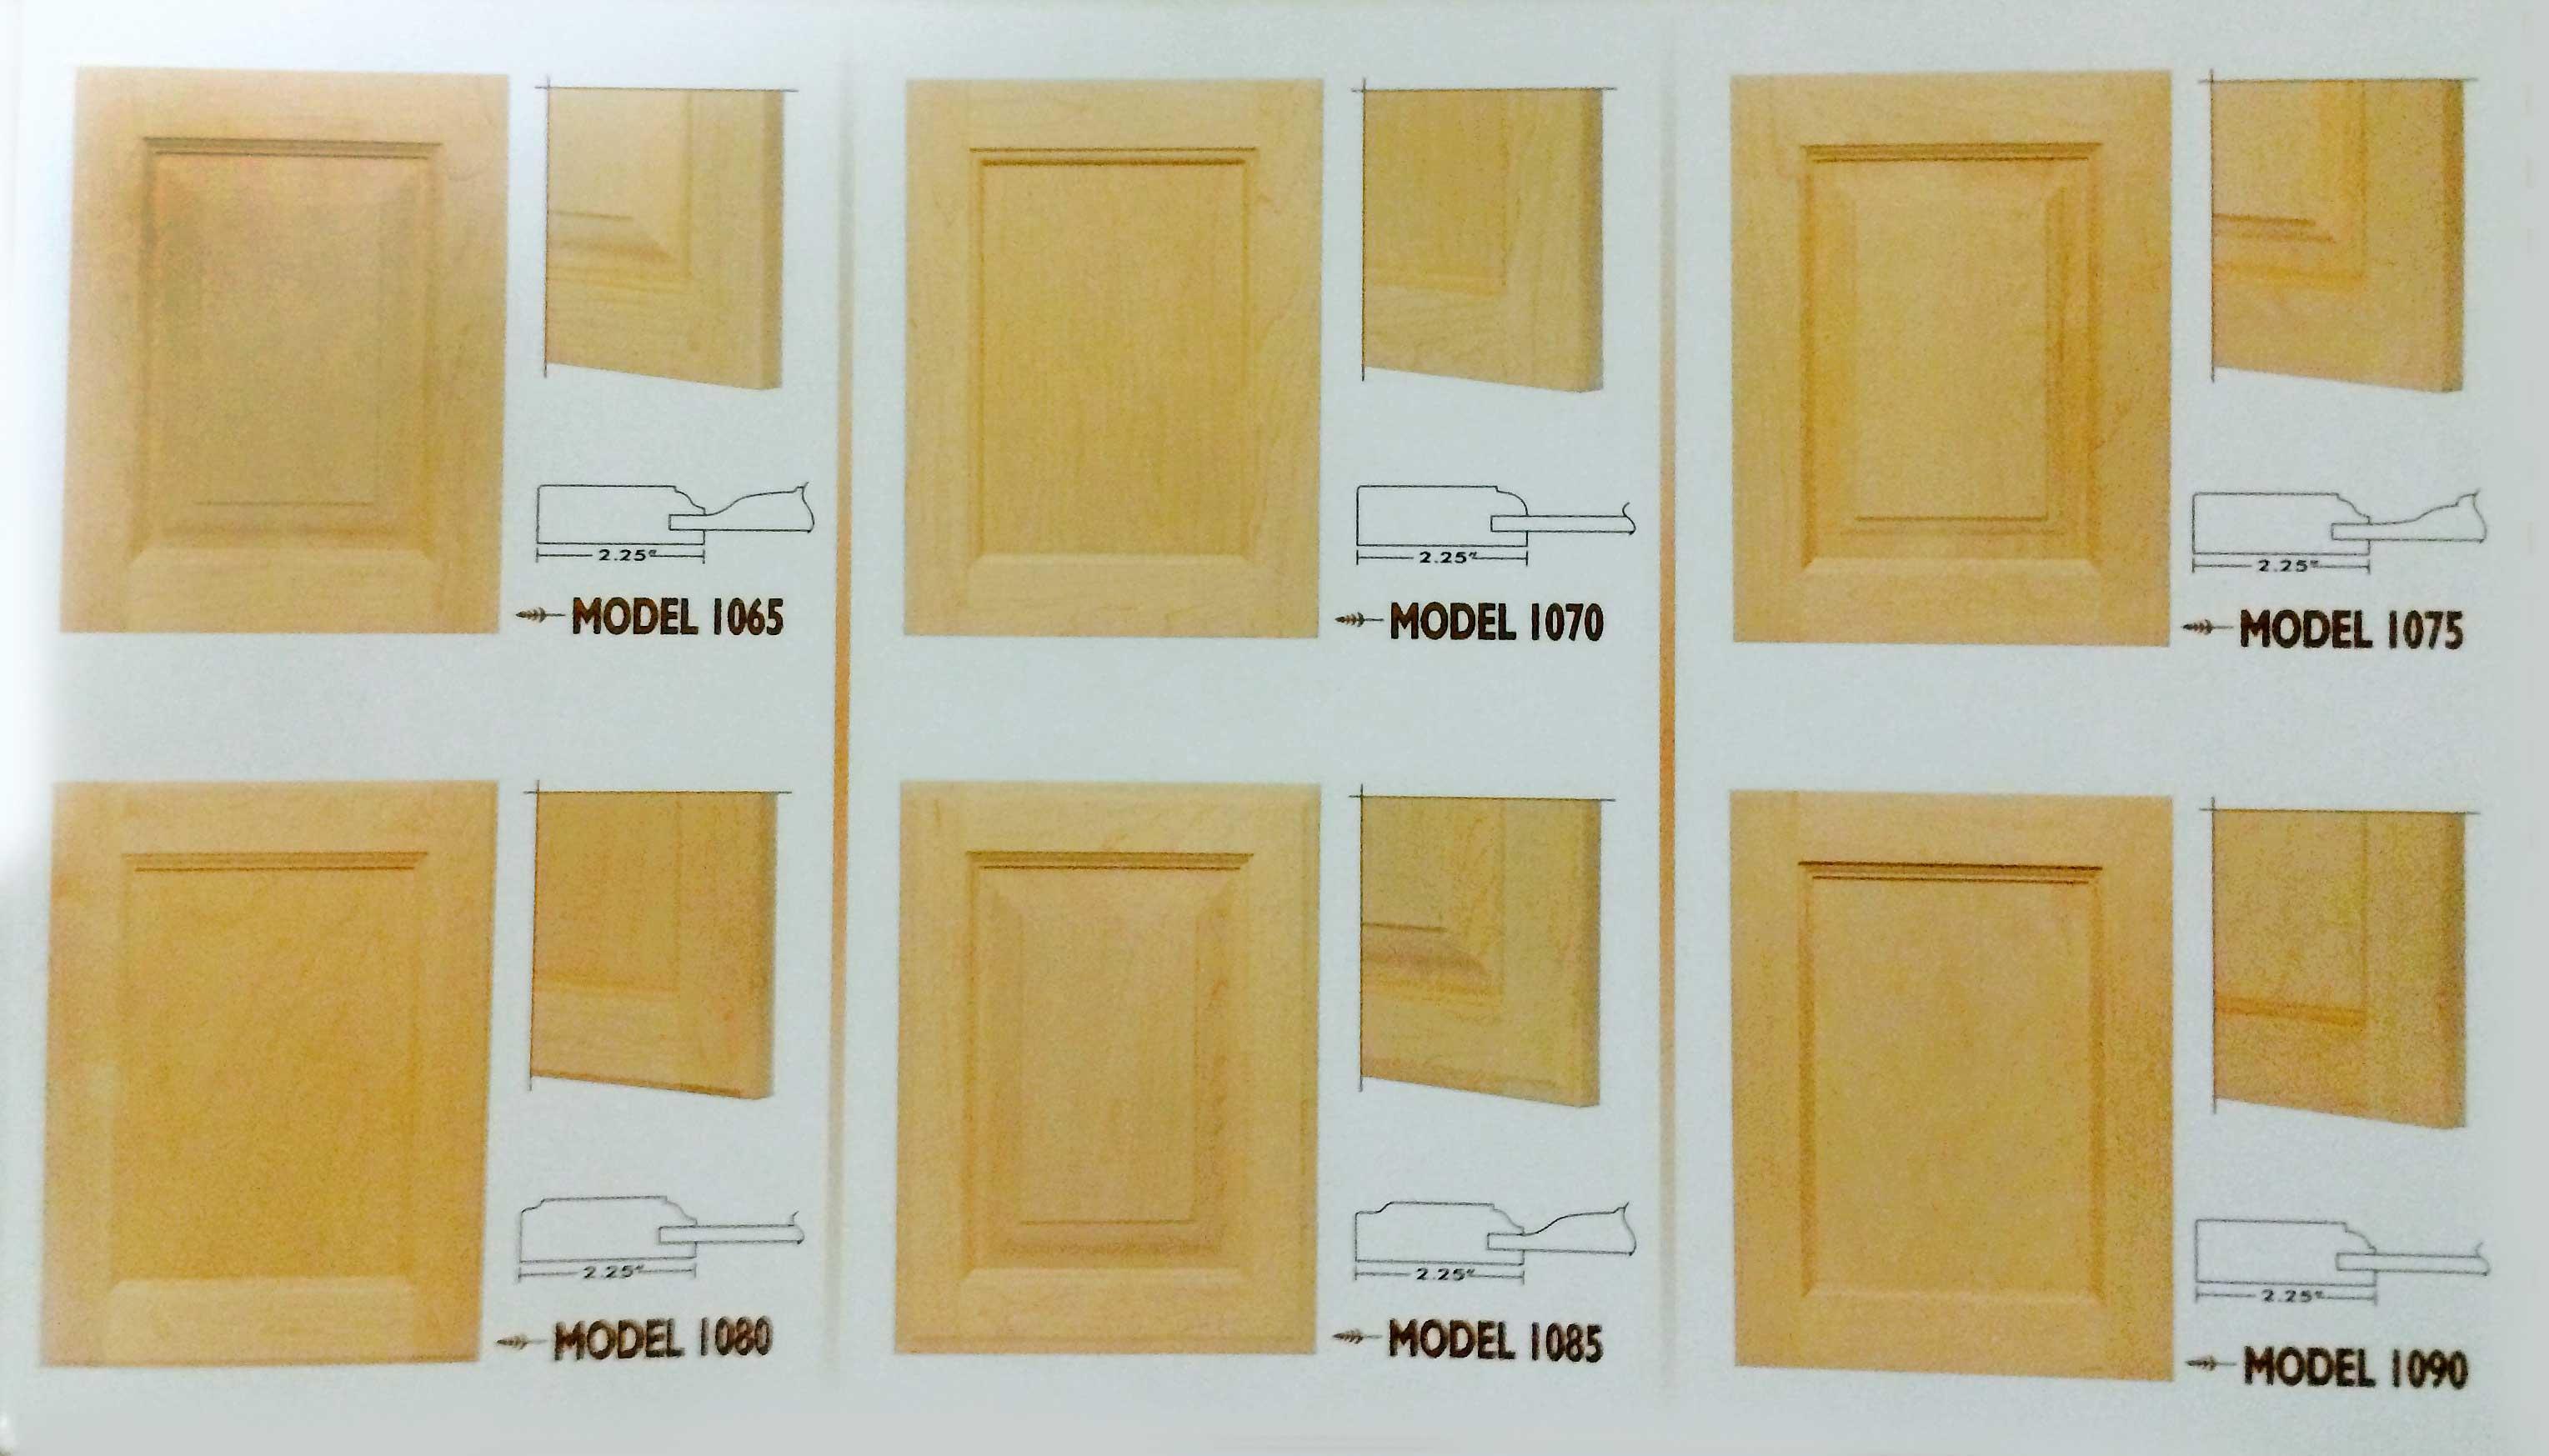 Calgary custom kitchen cabinets ltd door profiles door profiles eventelaan Image collections